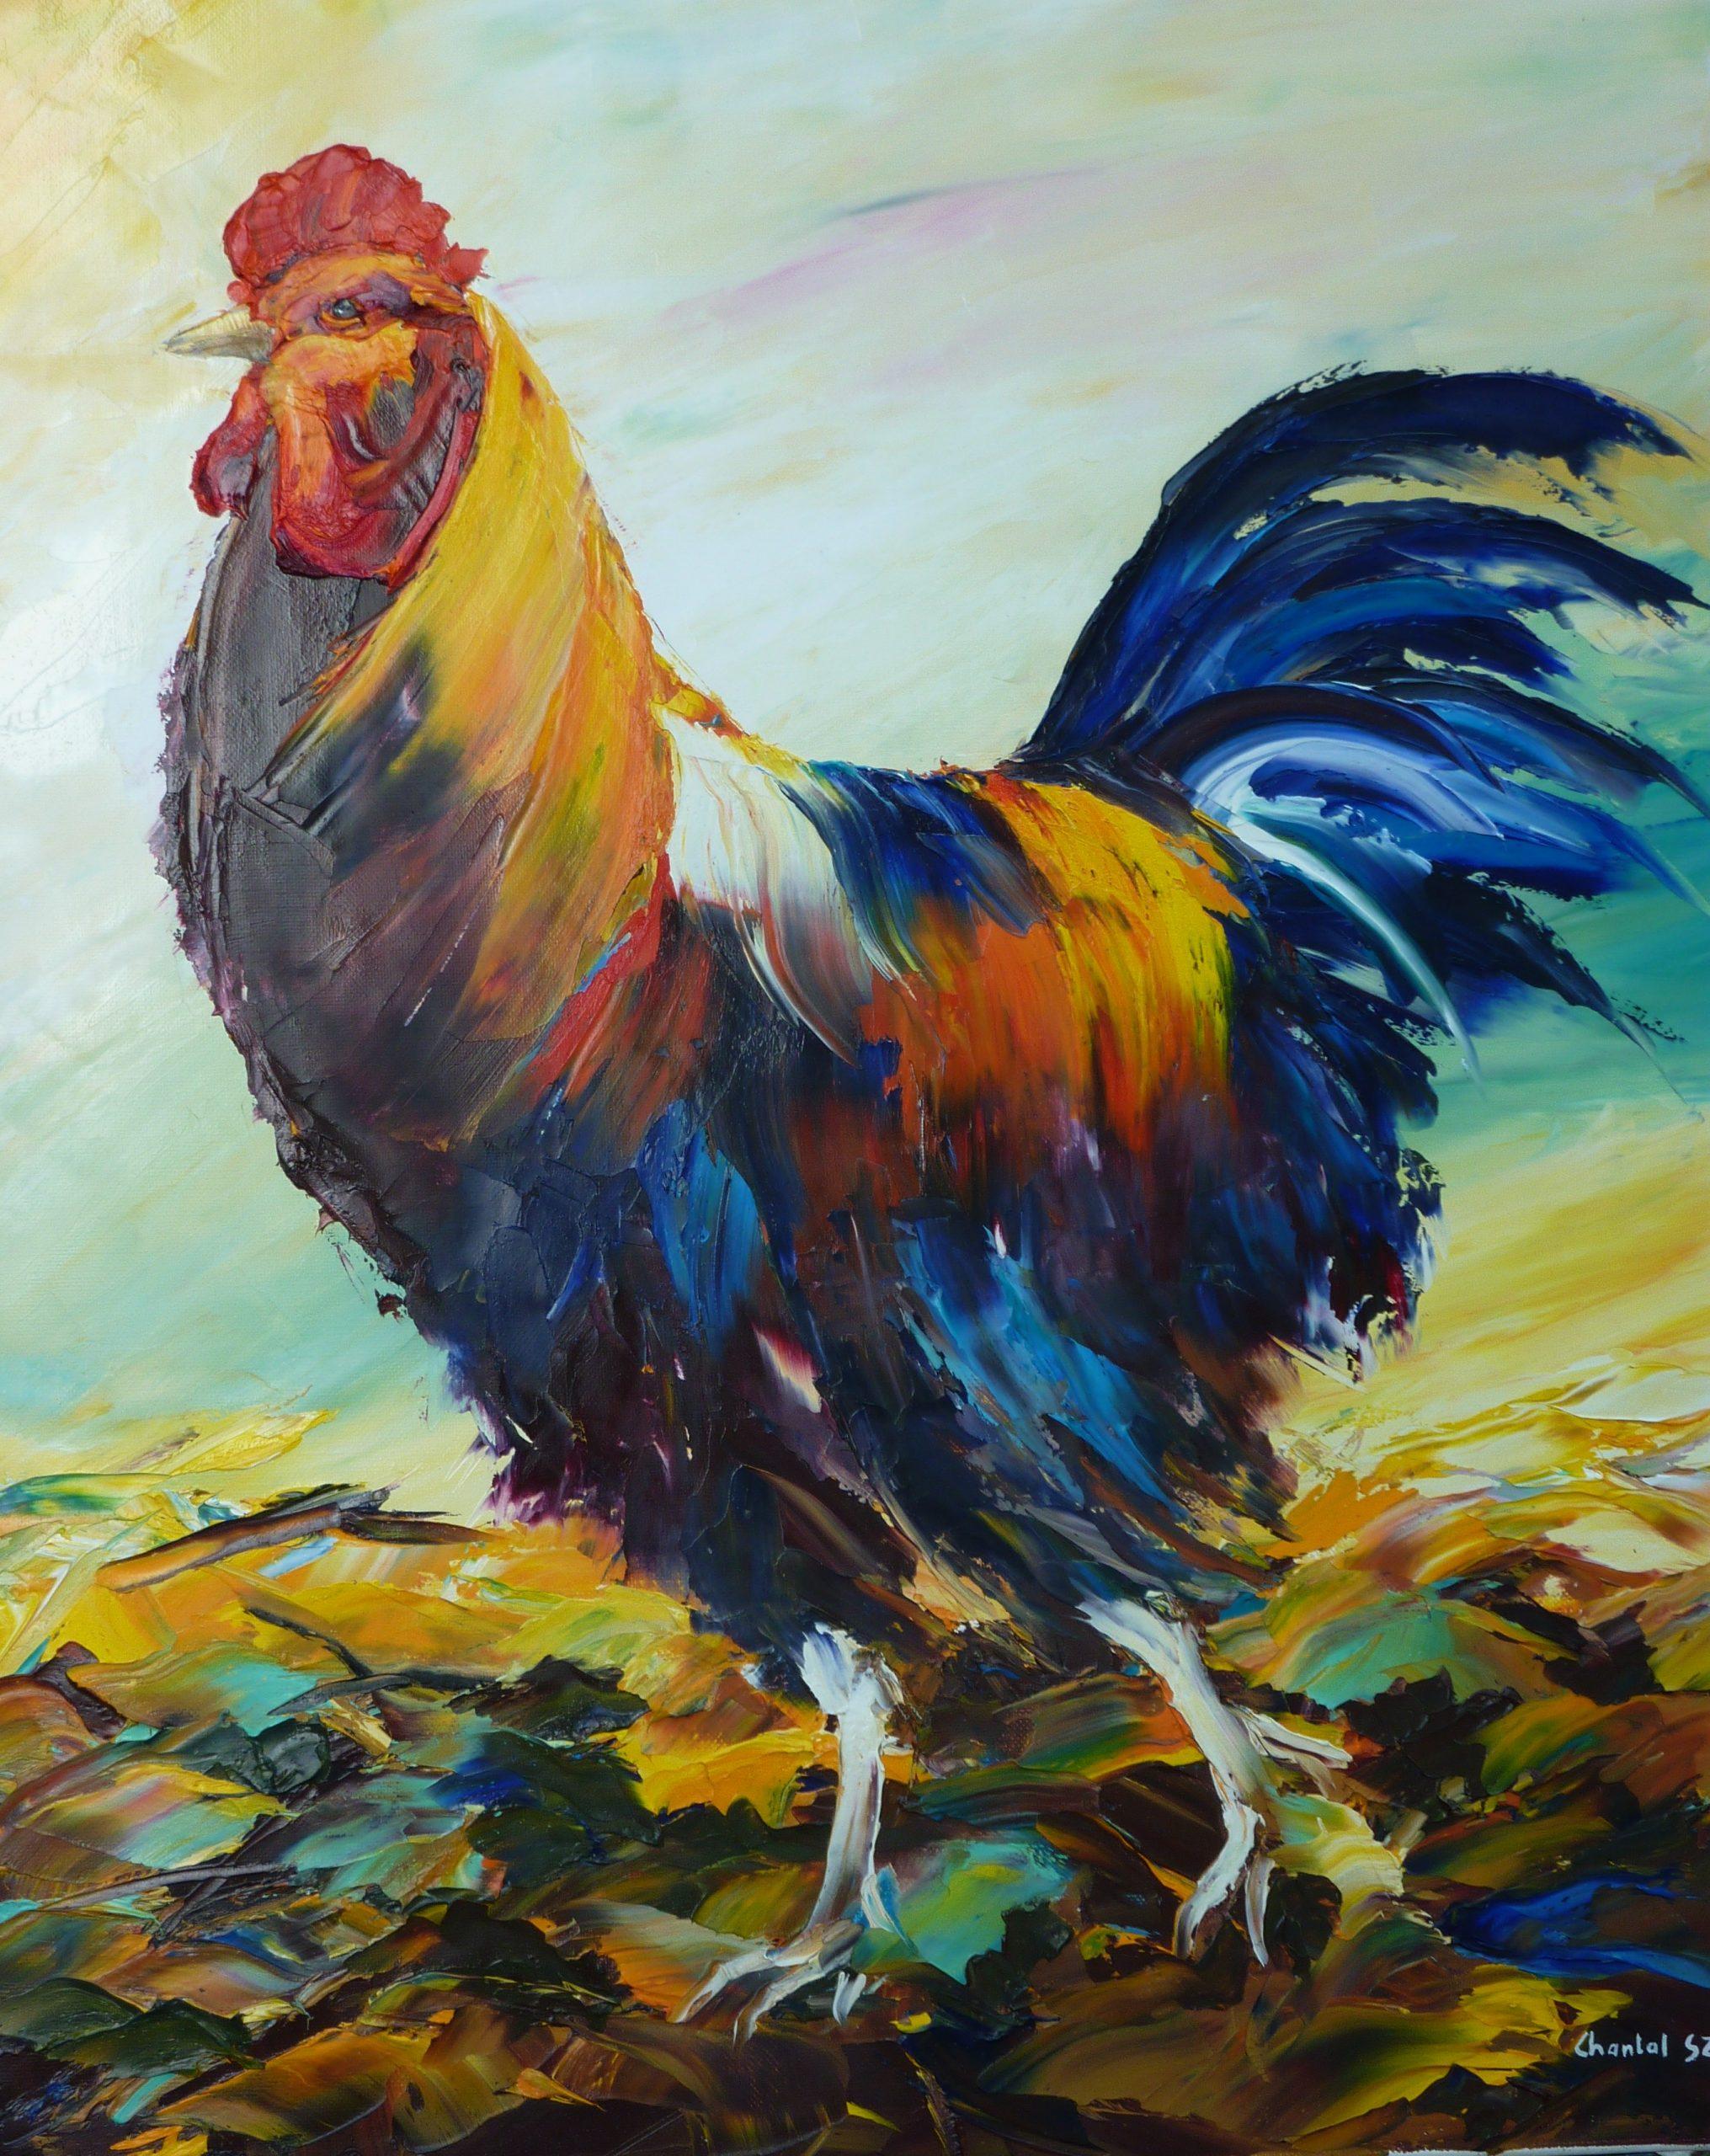 coq christian jequel chantal szymoniak peinture a lhuile bassecour poule fier huila au couteau coq en peinture